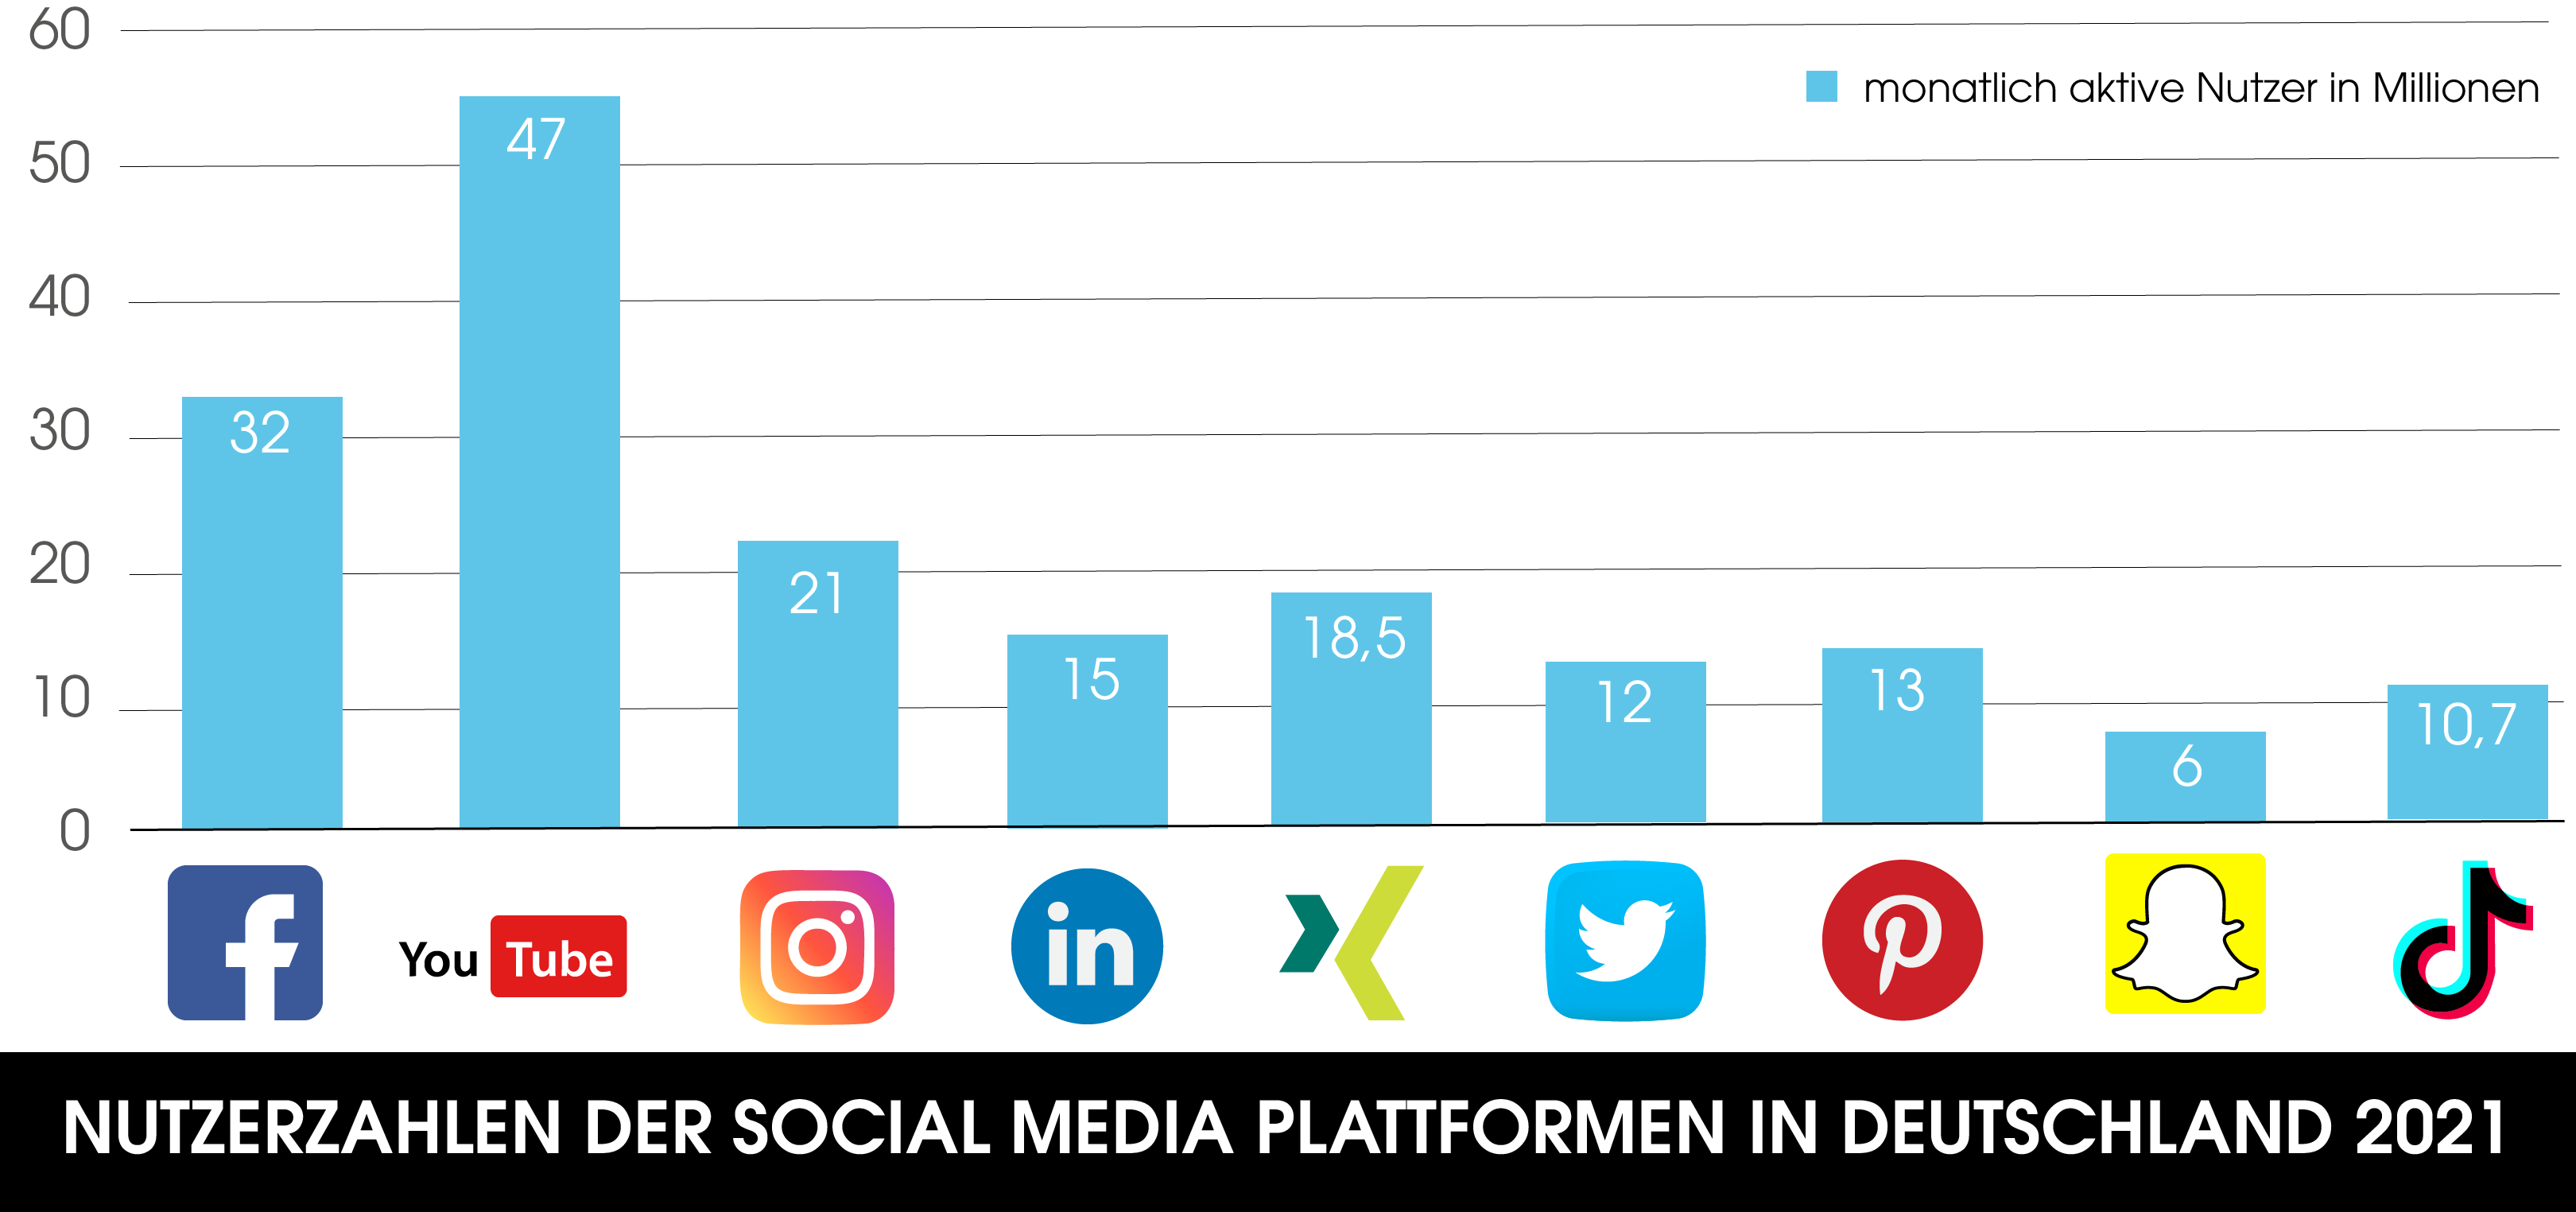 Die Grafik zeigt die monatlich aktiven Nutzer der beliebtesten Social Media Plattformen in Deutschland 2021. Gemessen wird in Millionen.